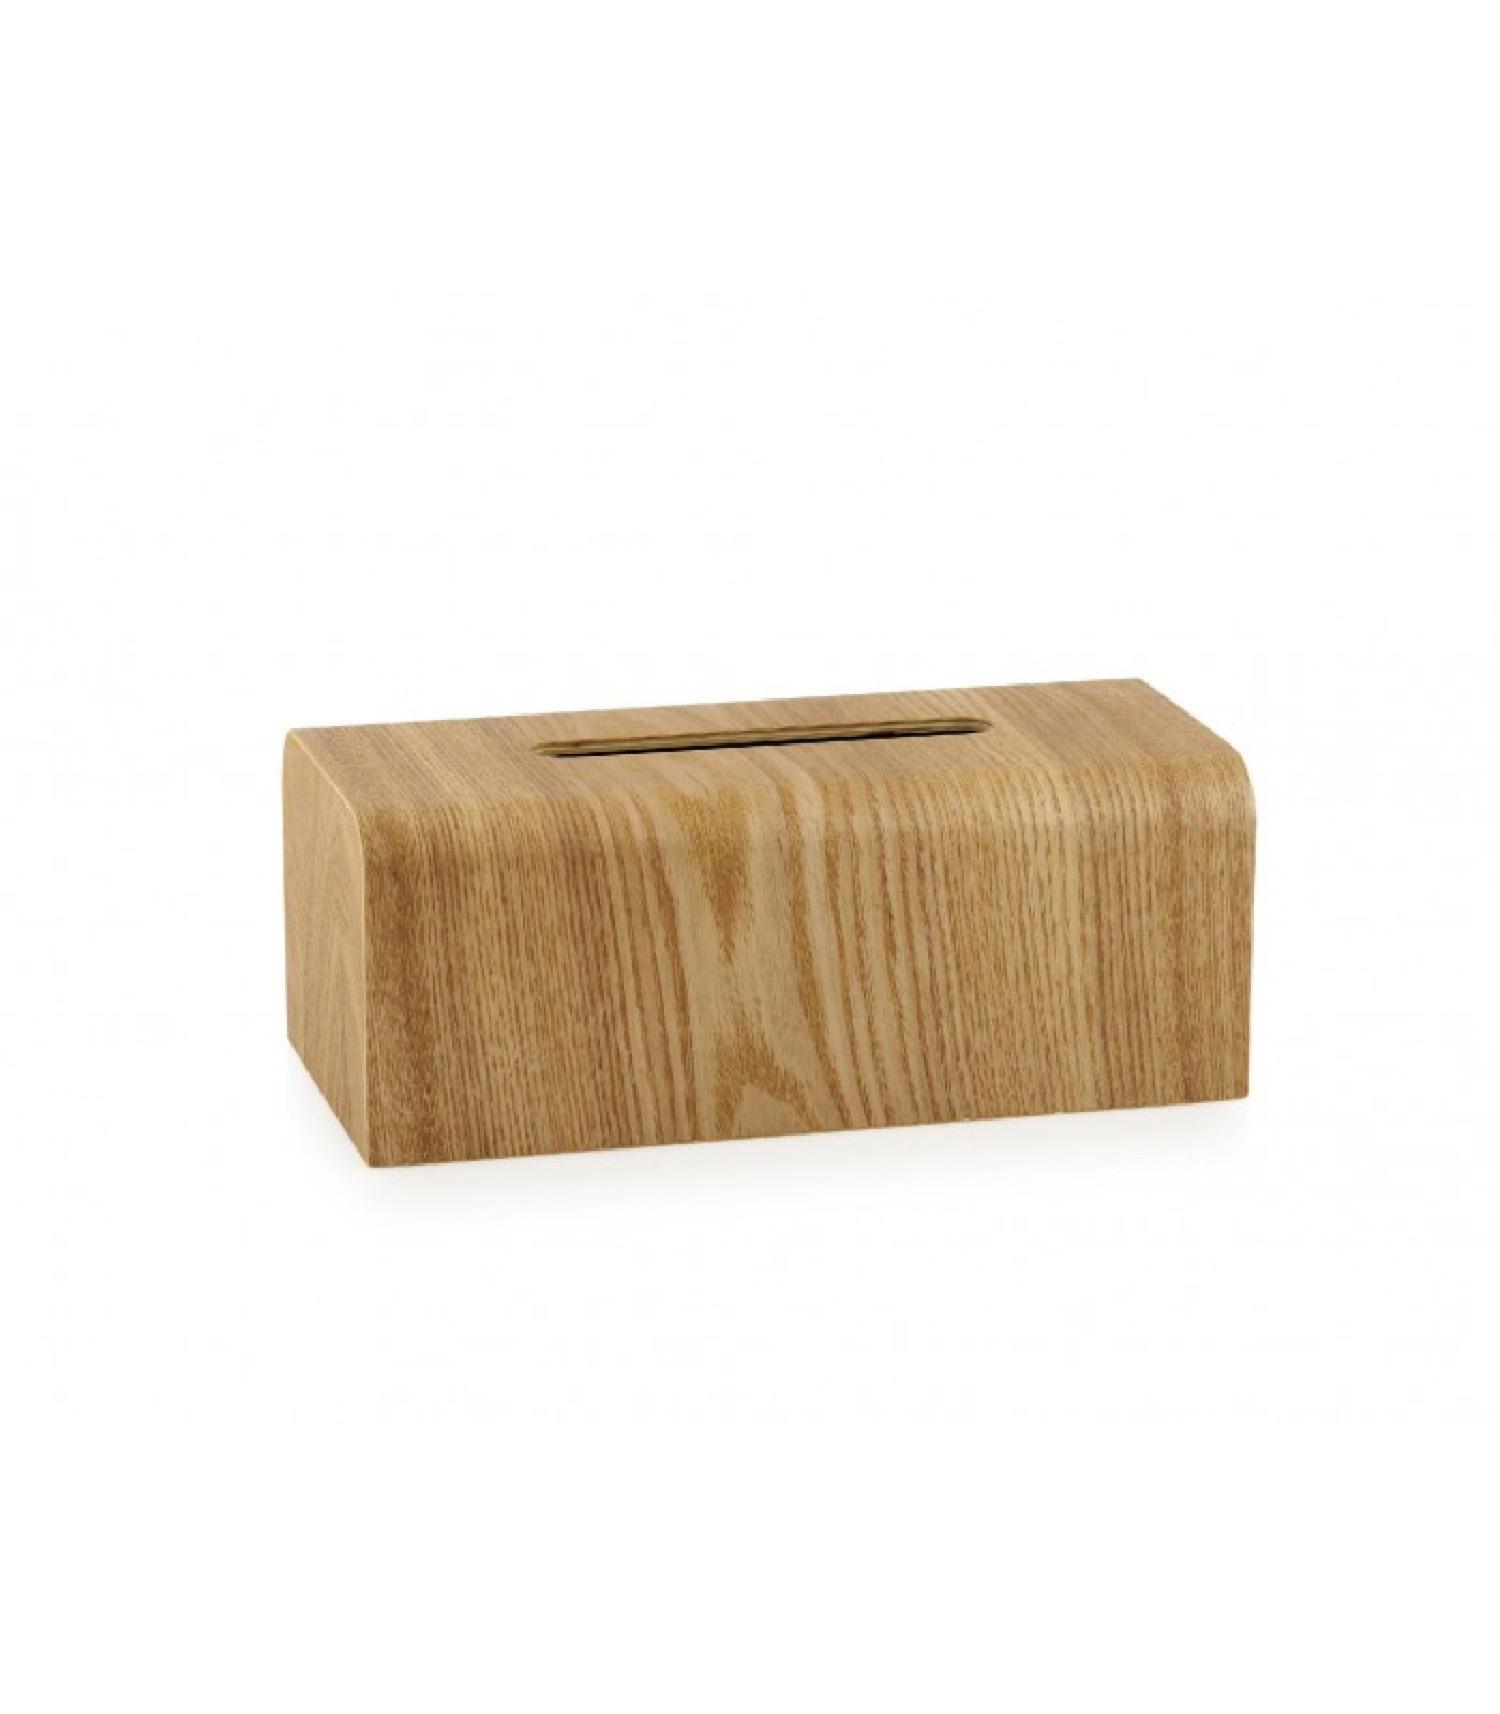 Boîte à mouchoir rectangulaire en bois de saule